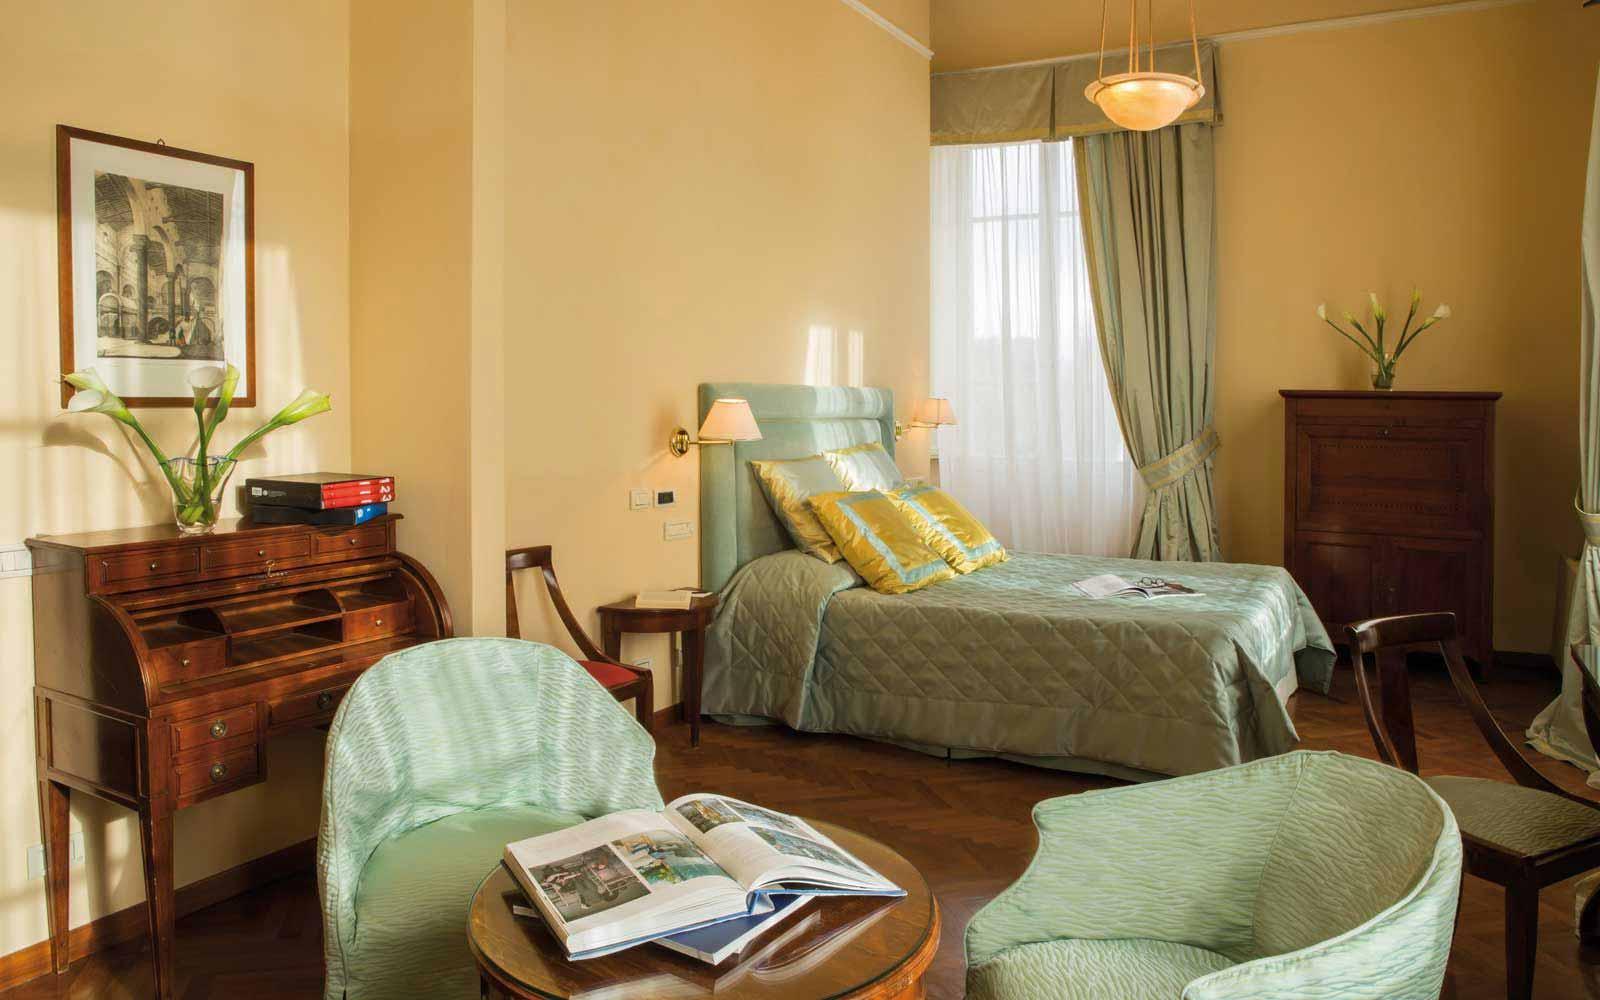 Junior suite at the Hotel Plaza e de Russie